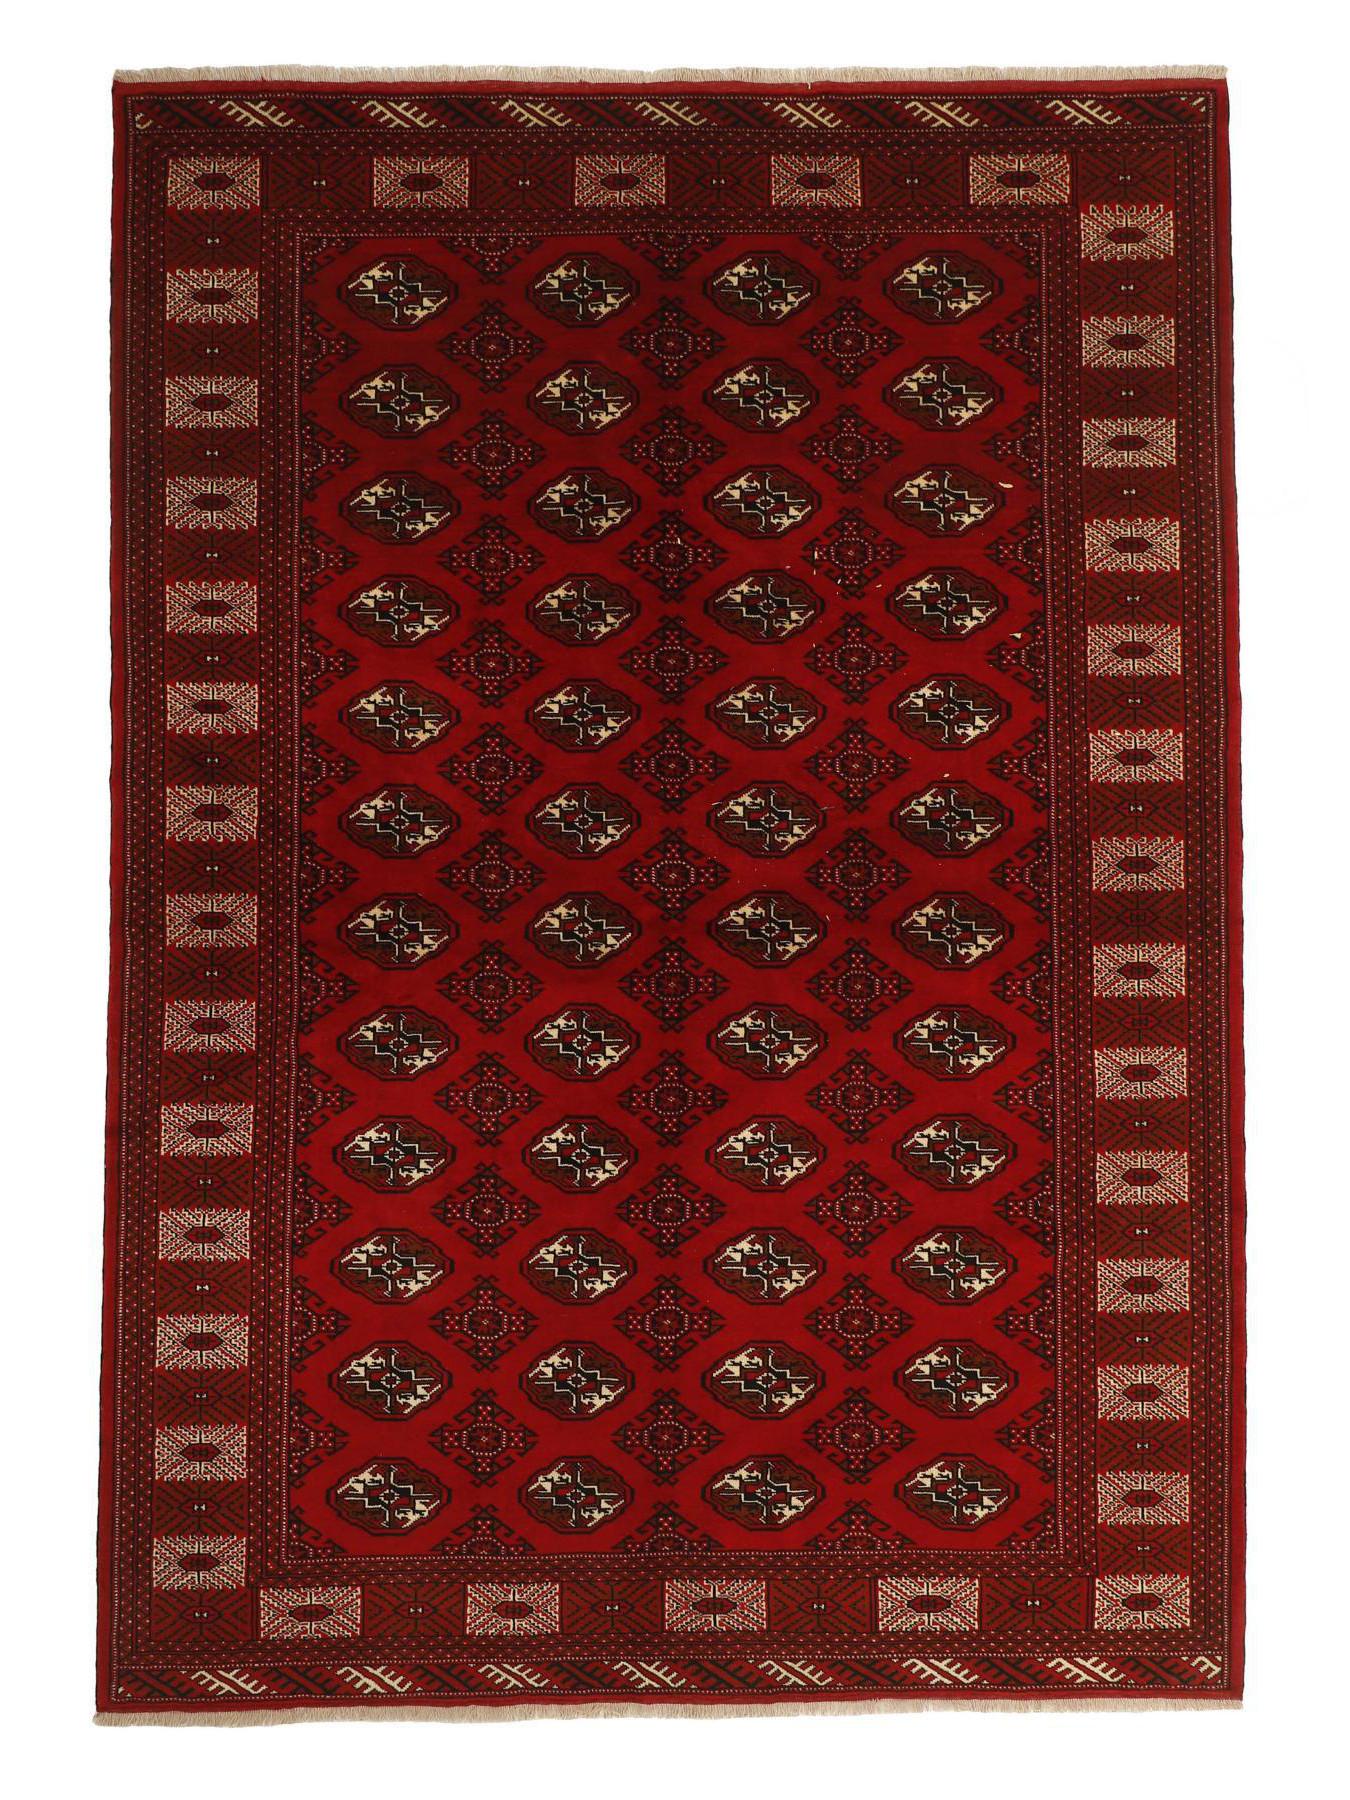 Perzische tapijten - Turkmeen